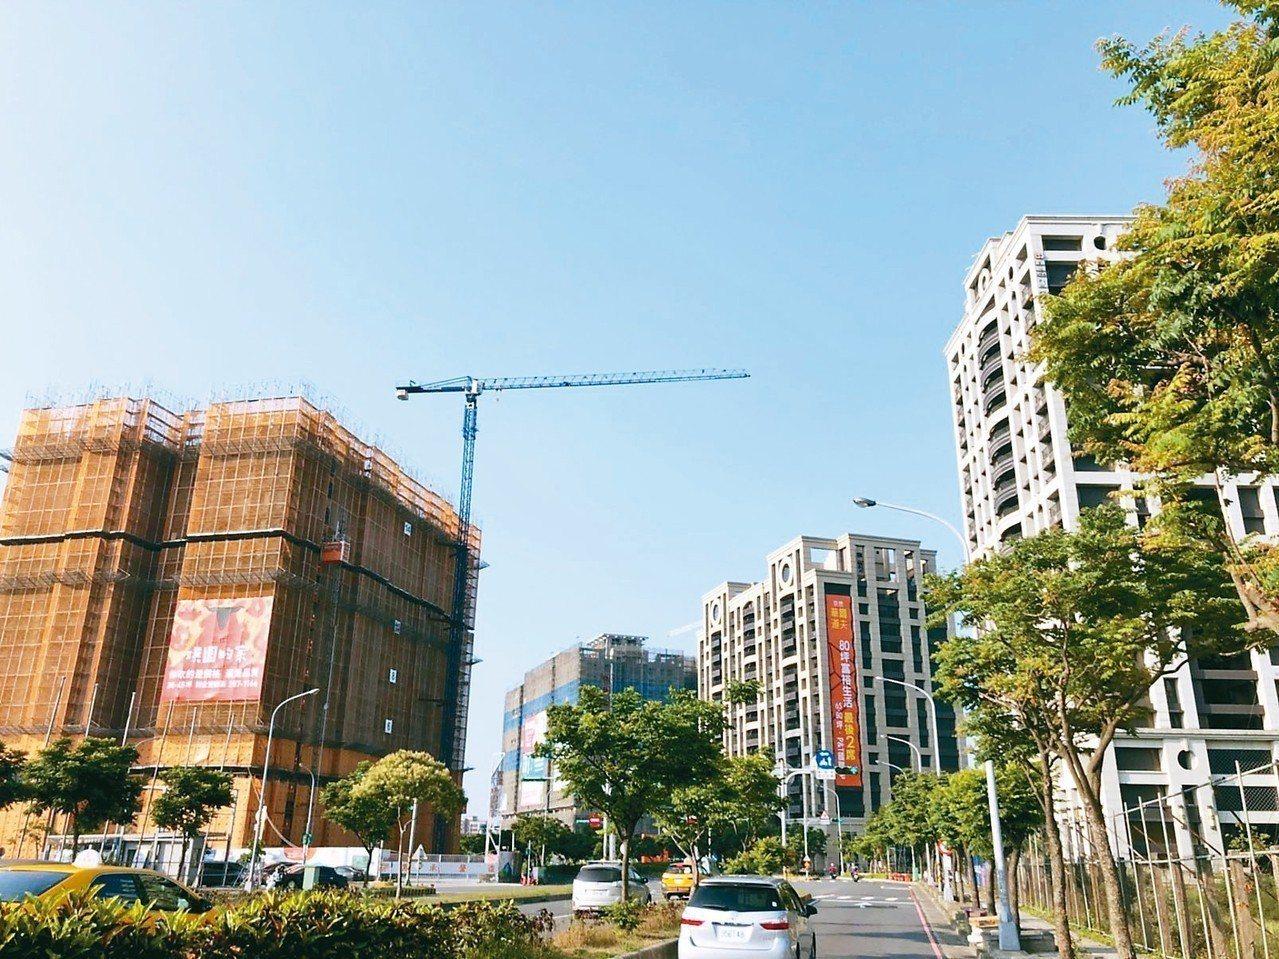 青埔特區有七成隸屬中壢區,區內具交通優勢,2011年房價開始上漲,曾飆到4字頭。...